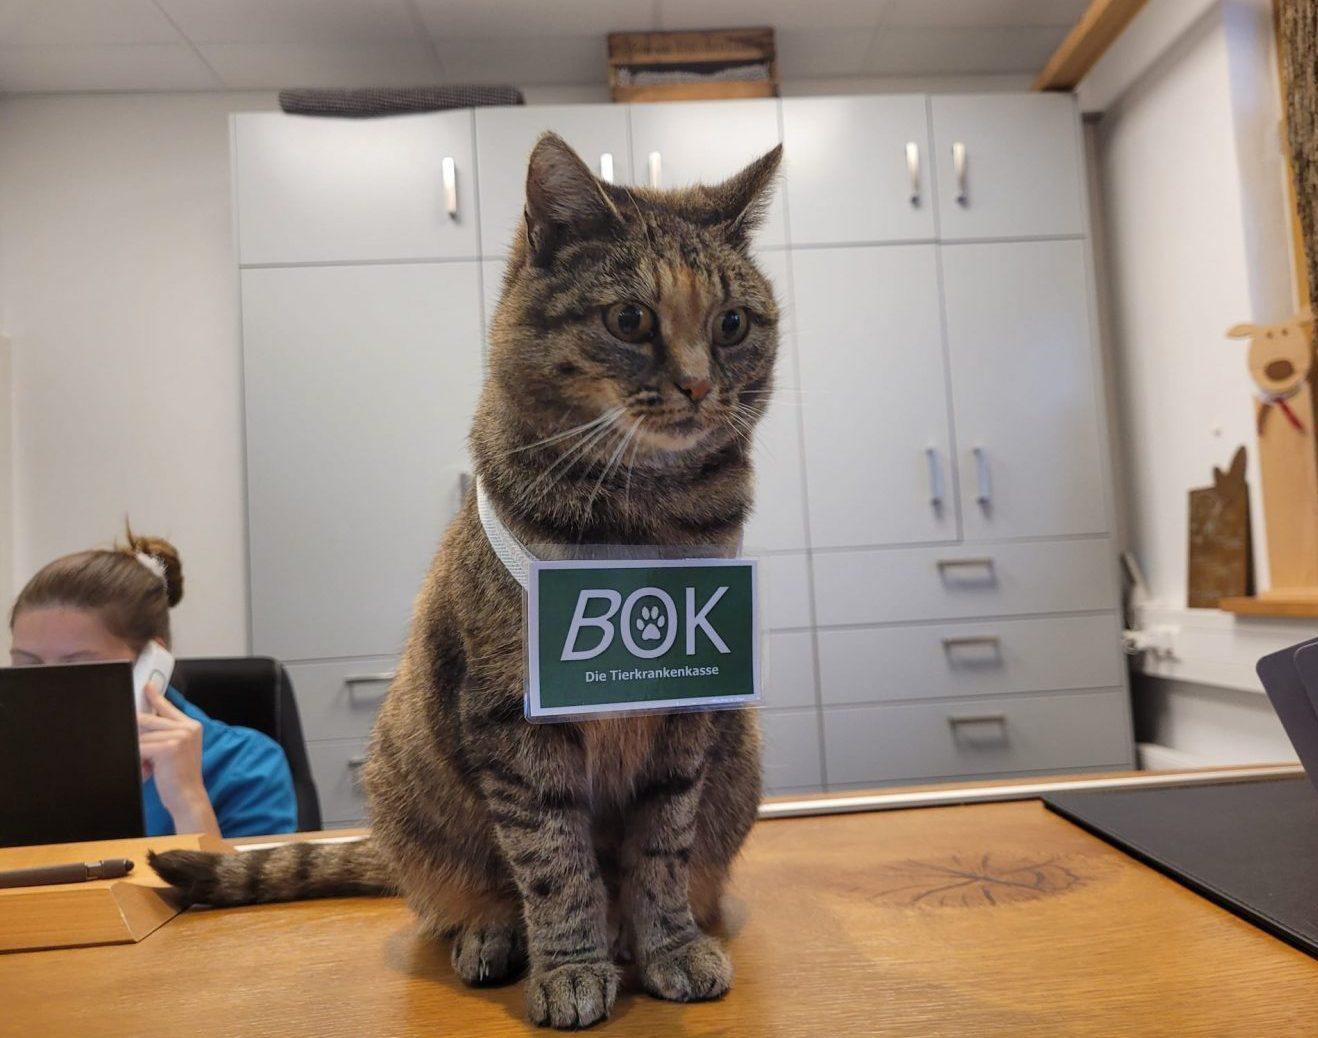 Tierkrankenversicherung-all inclusive, oder vielleicht doch nicht? Was ist der Unterschied zwischen Kranken – und einer reinen OP-Versicherung. Lohnt sich der Abschluss der ein oder anderen Versicherung für mich und mein Tier?